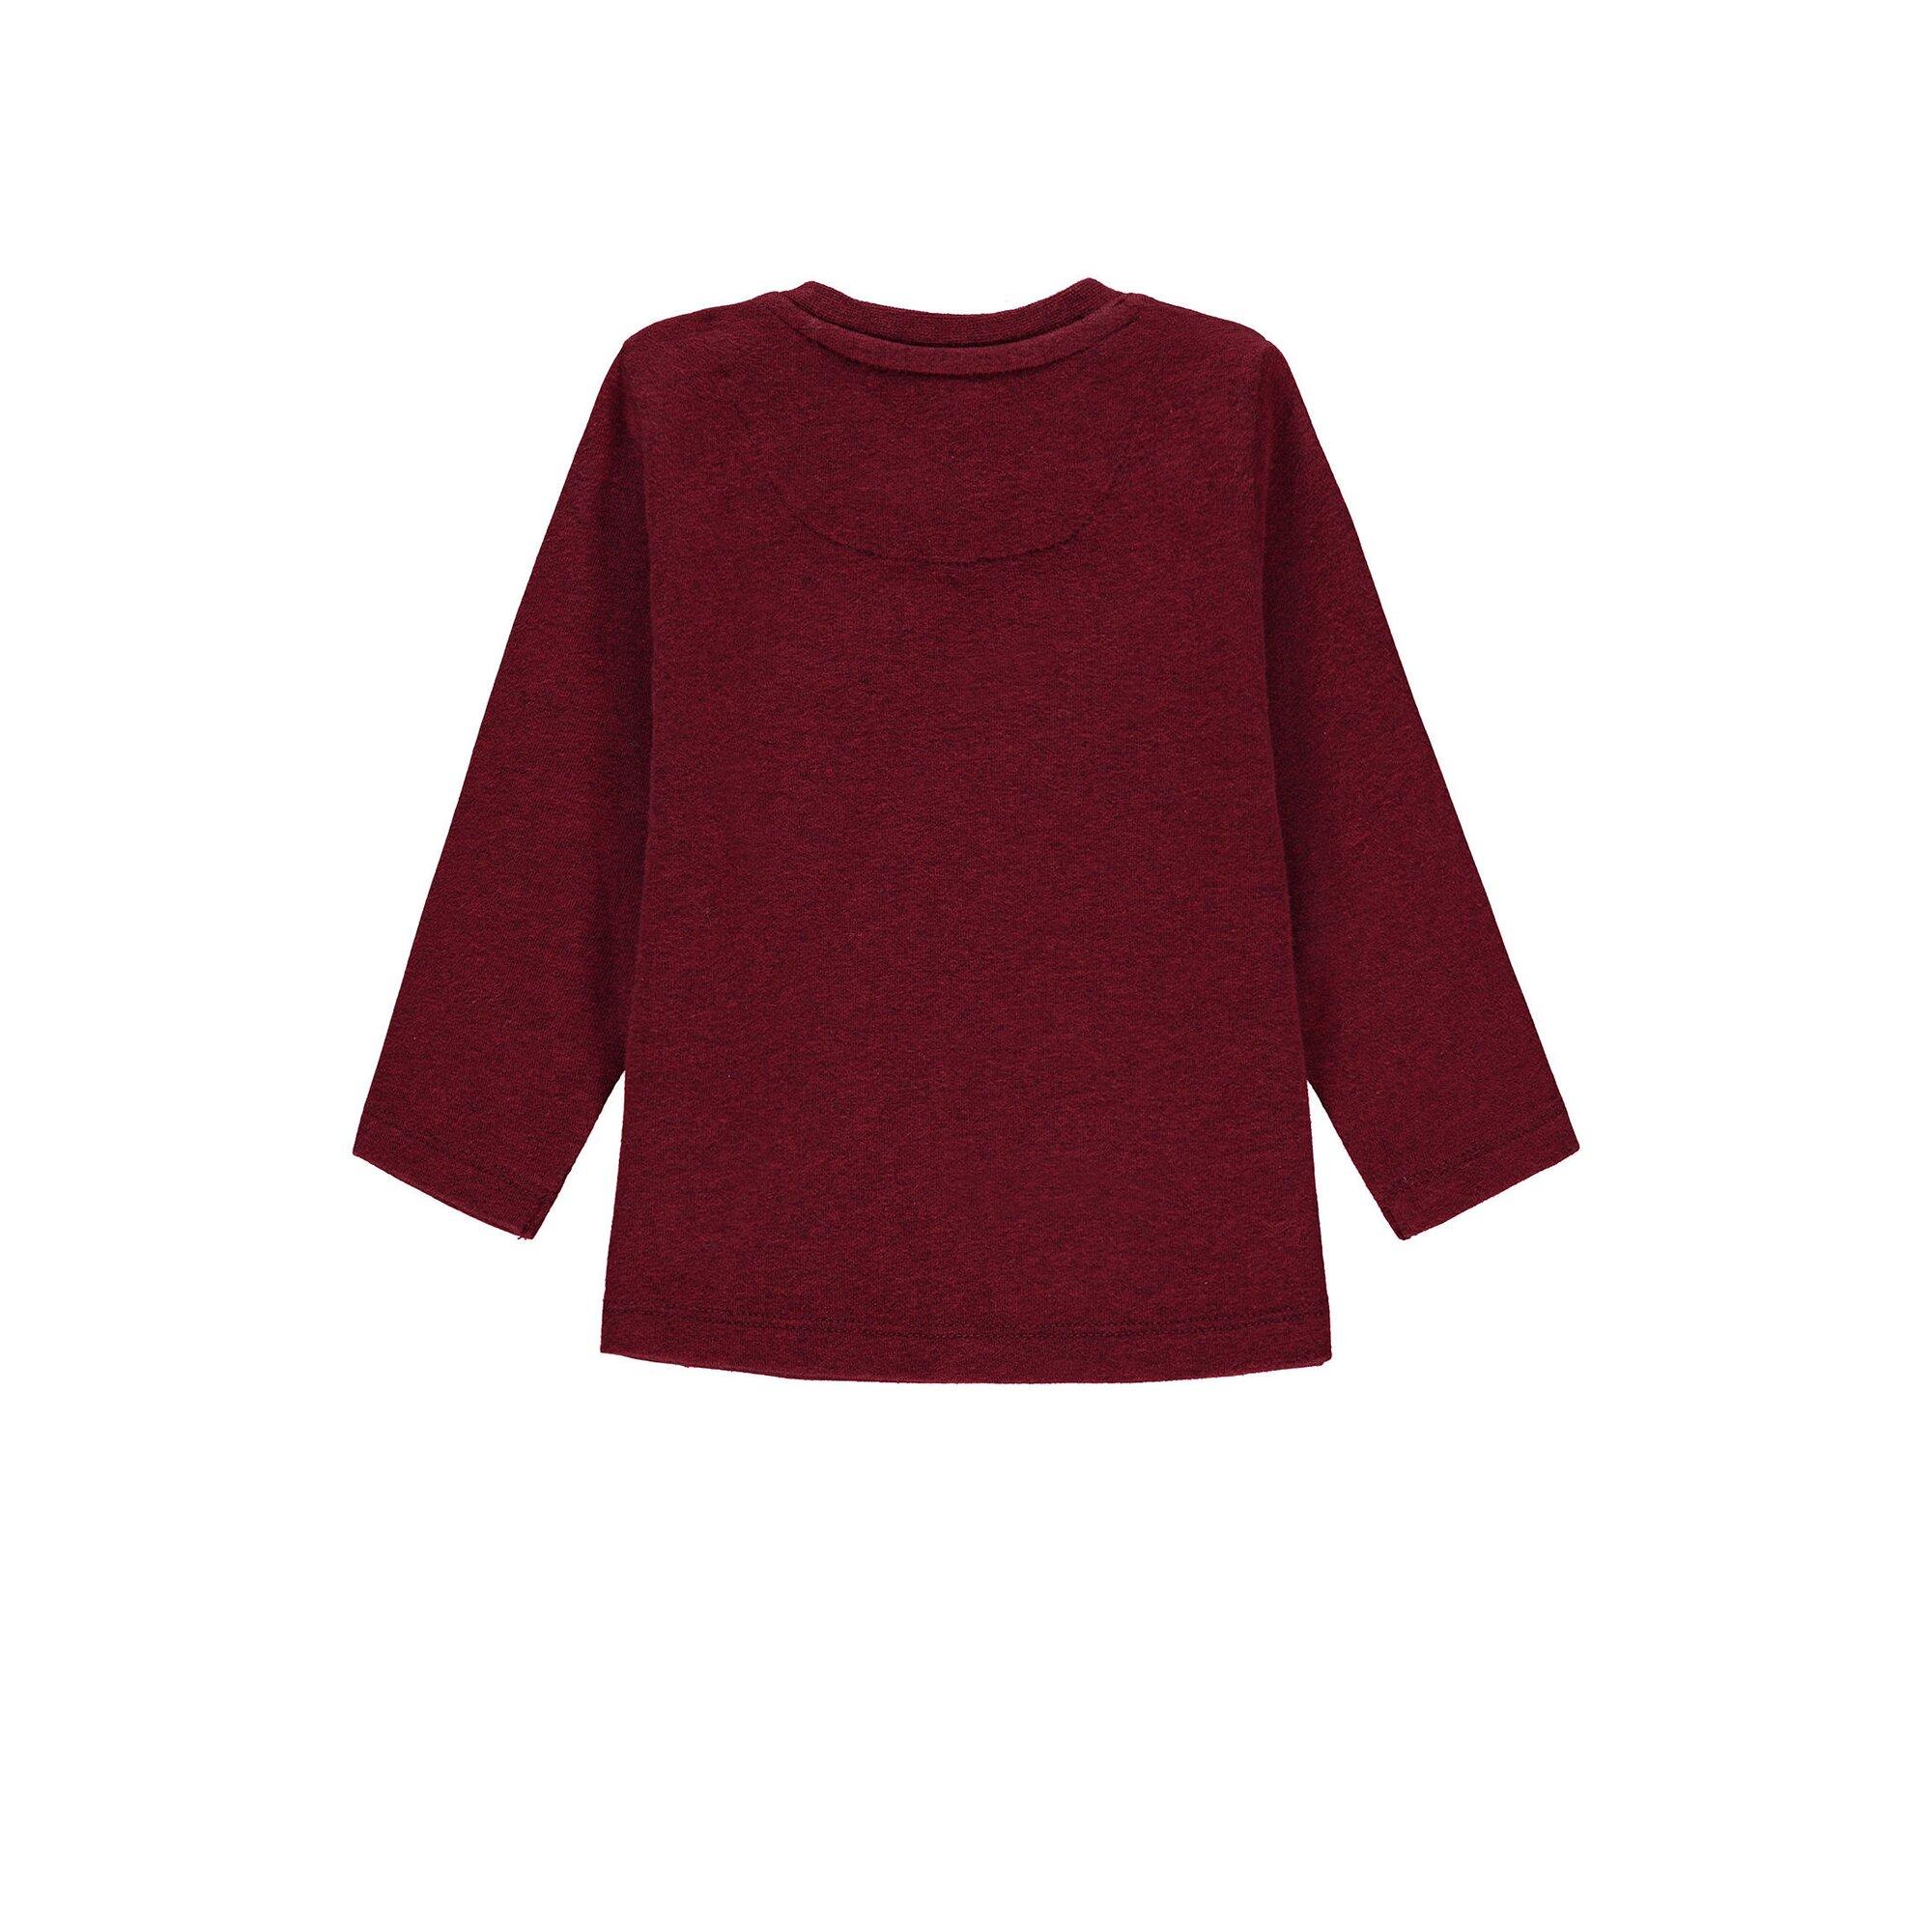 bellybutton-baby-langarmshirt-unisex-print-vorn